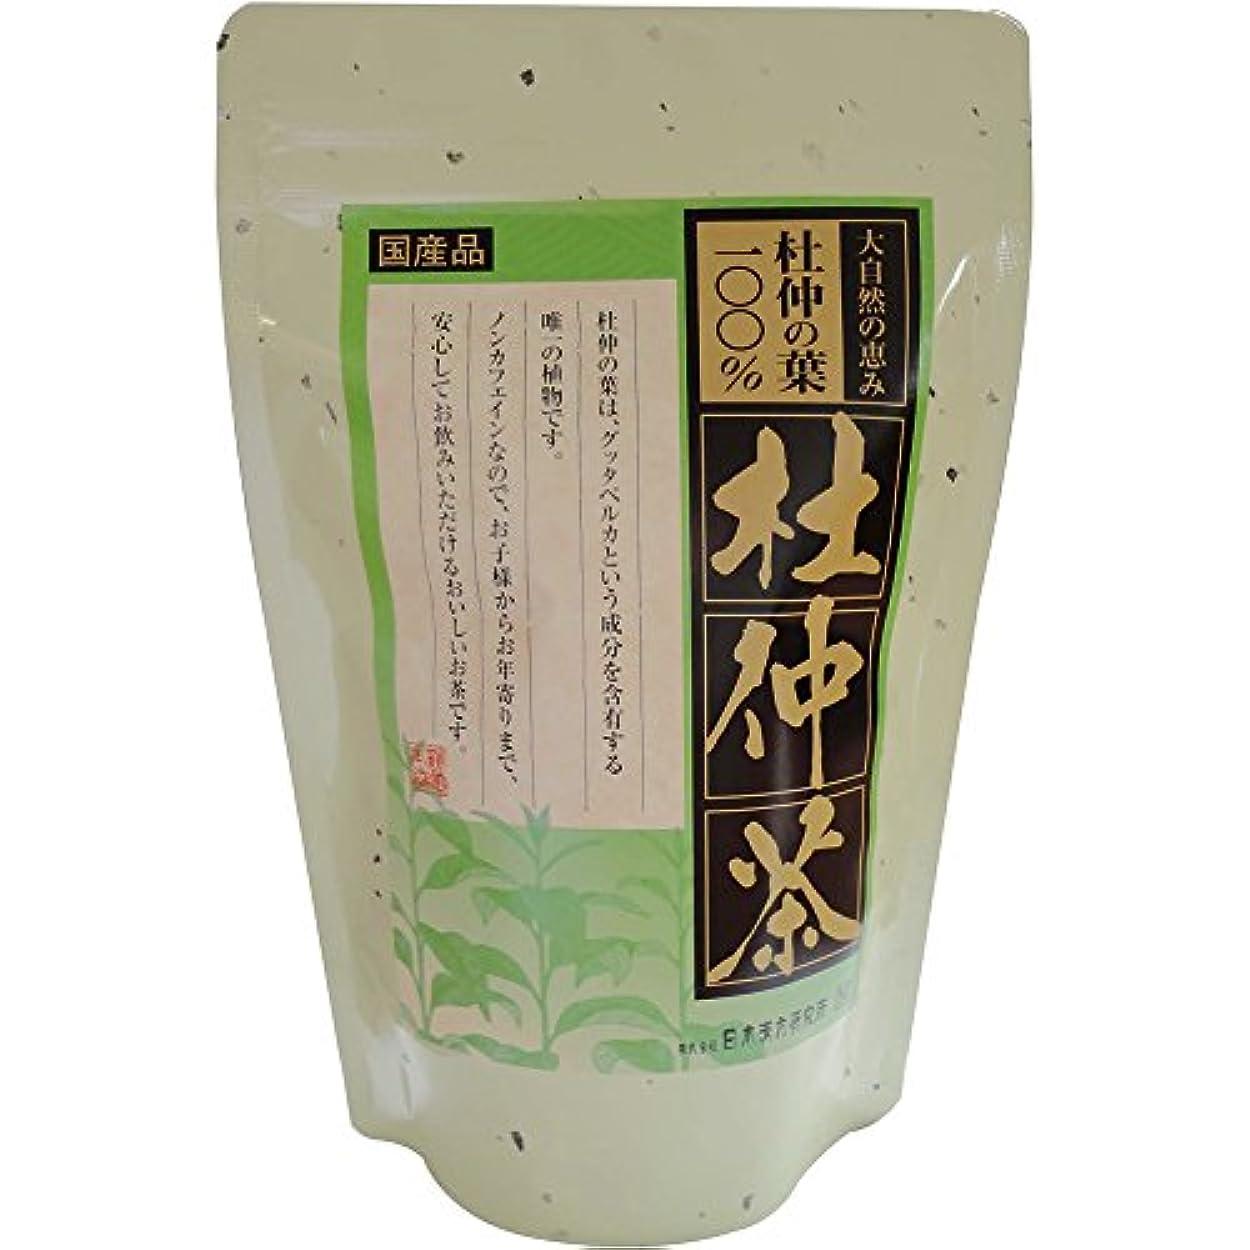 多様性購入メイン杜仲茶100%(国産品) 2g×30包入